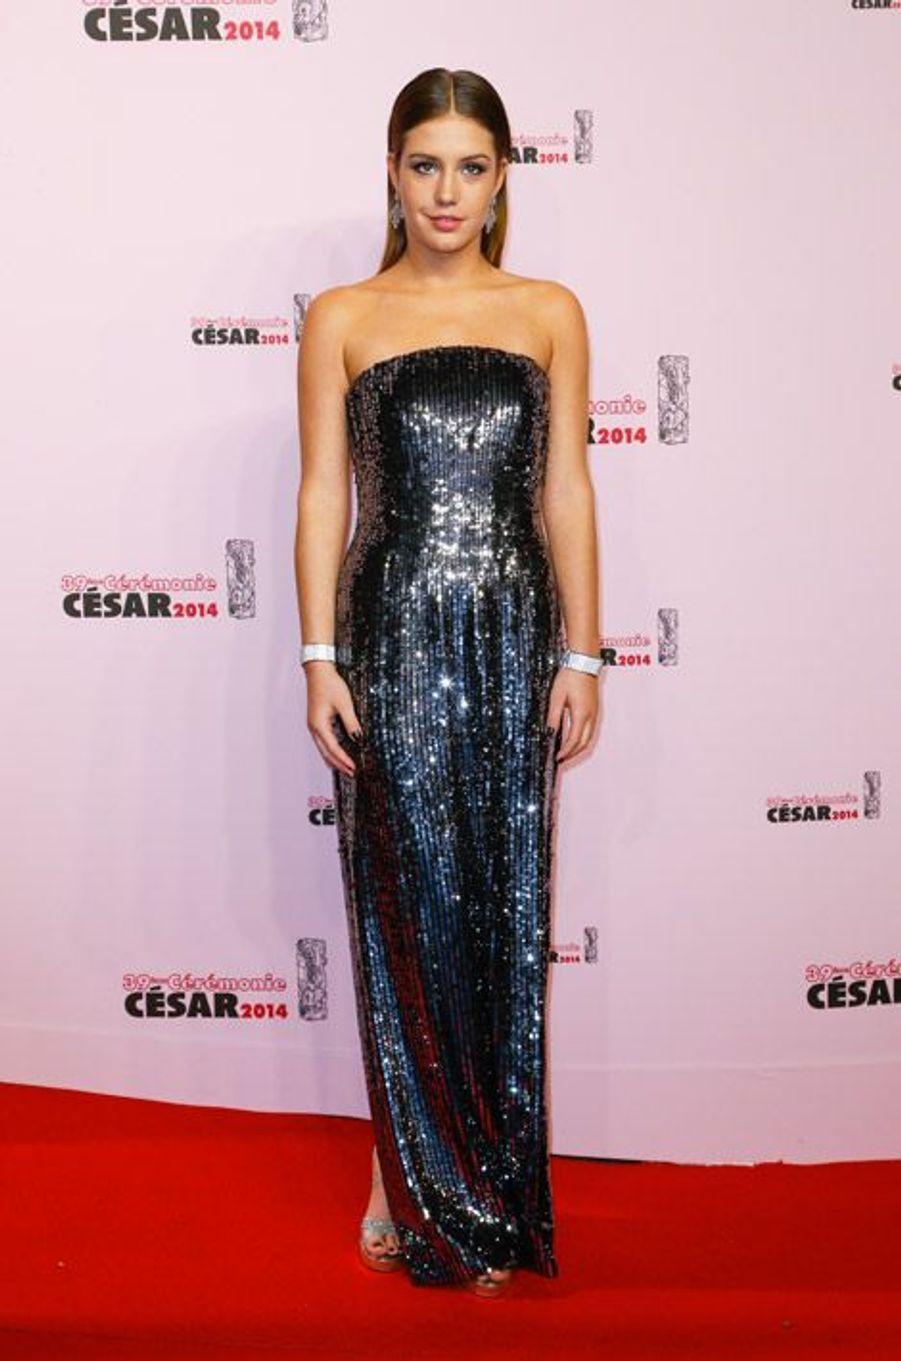 L'actrice Adèle Exarchopoulos lors de la cérémonie des César à Paris, le 28 février 2014